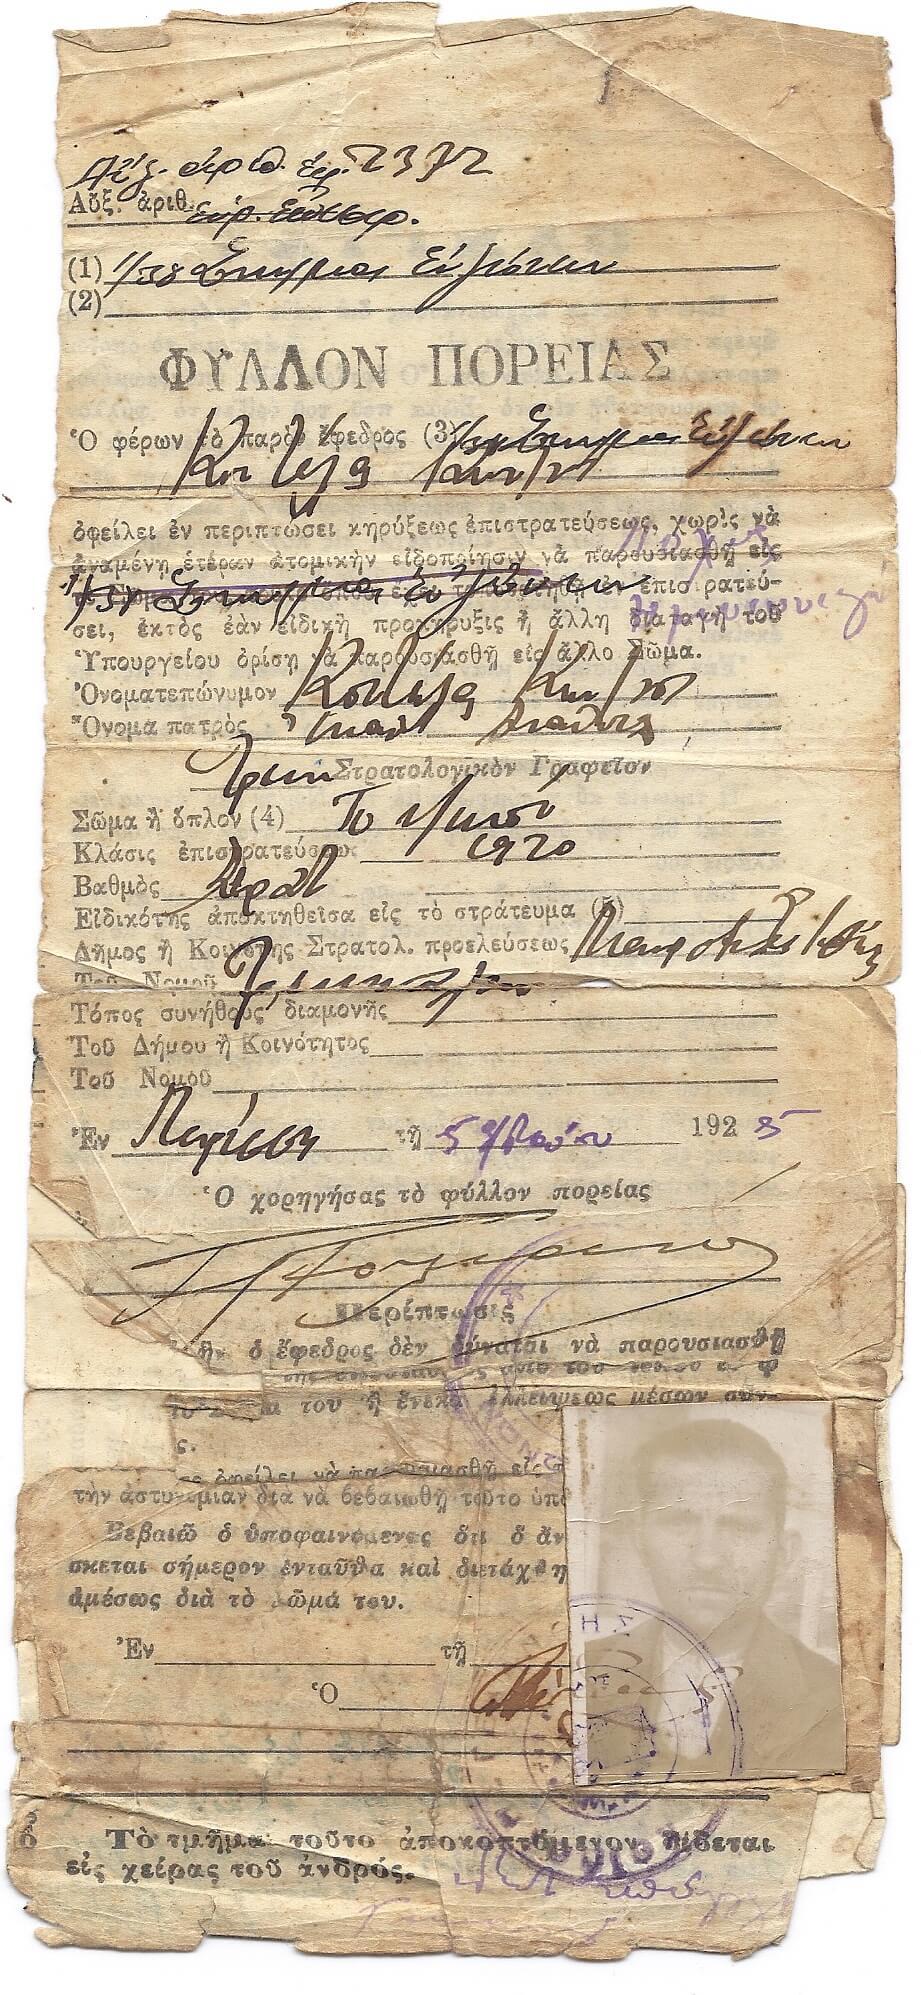 Φύλλο πορείας του Κων. Νικ. Κουτέλα, 1925